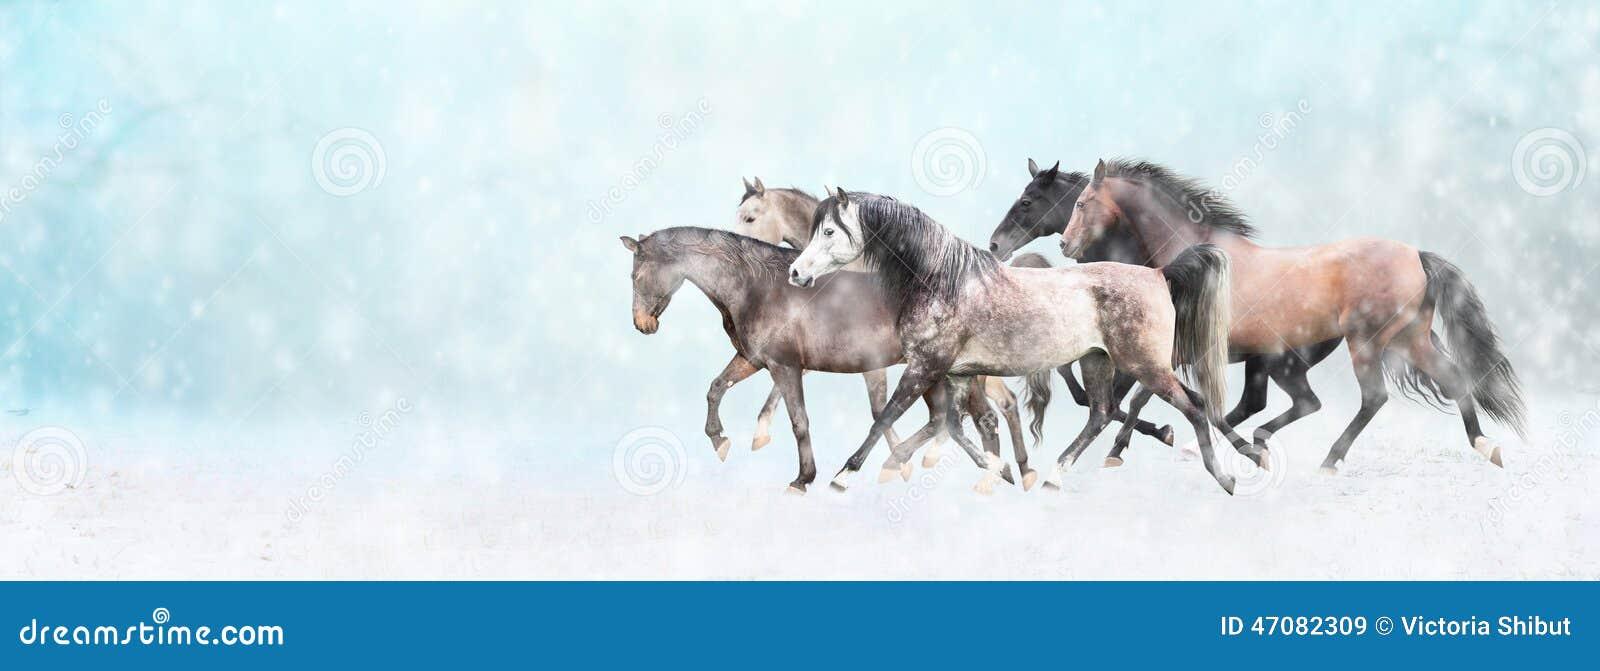 Running horses herd, in snow, winter banner